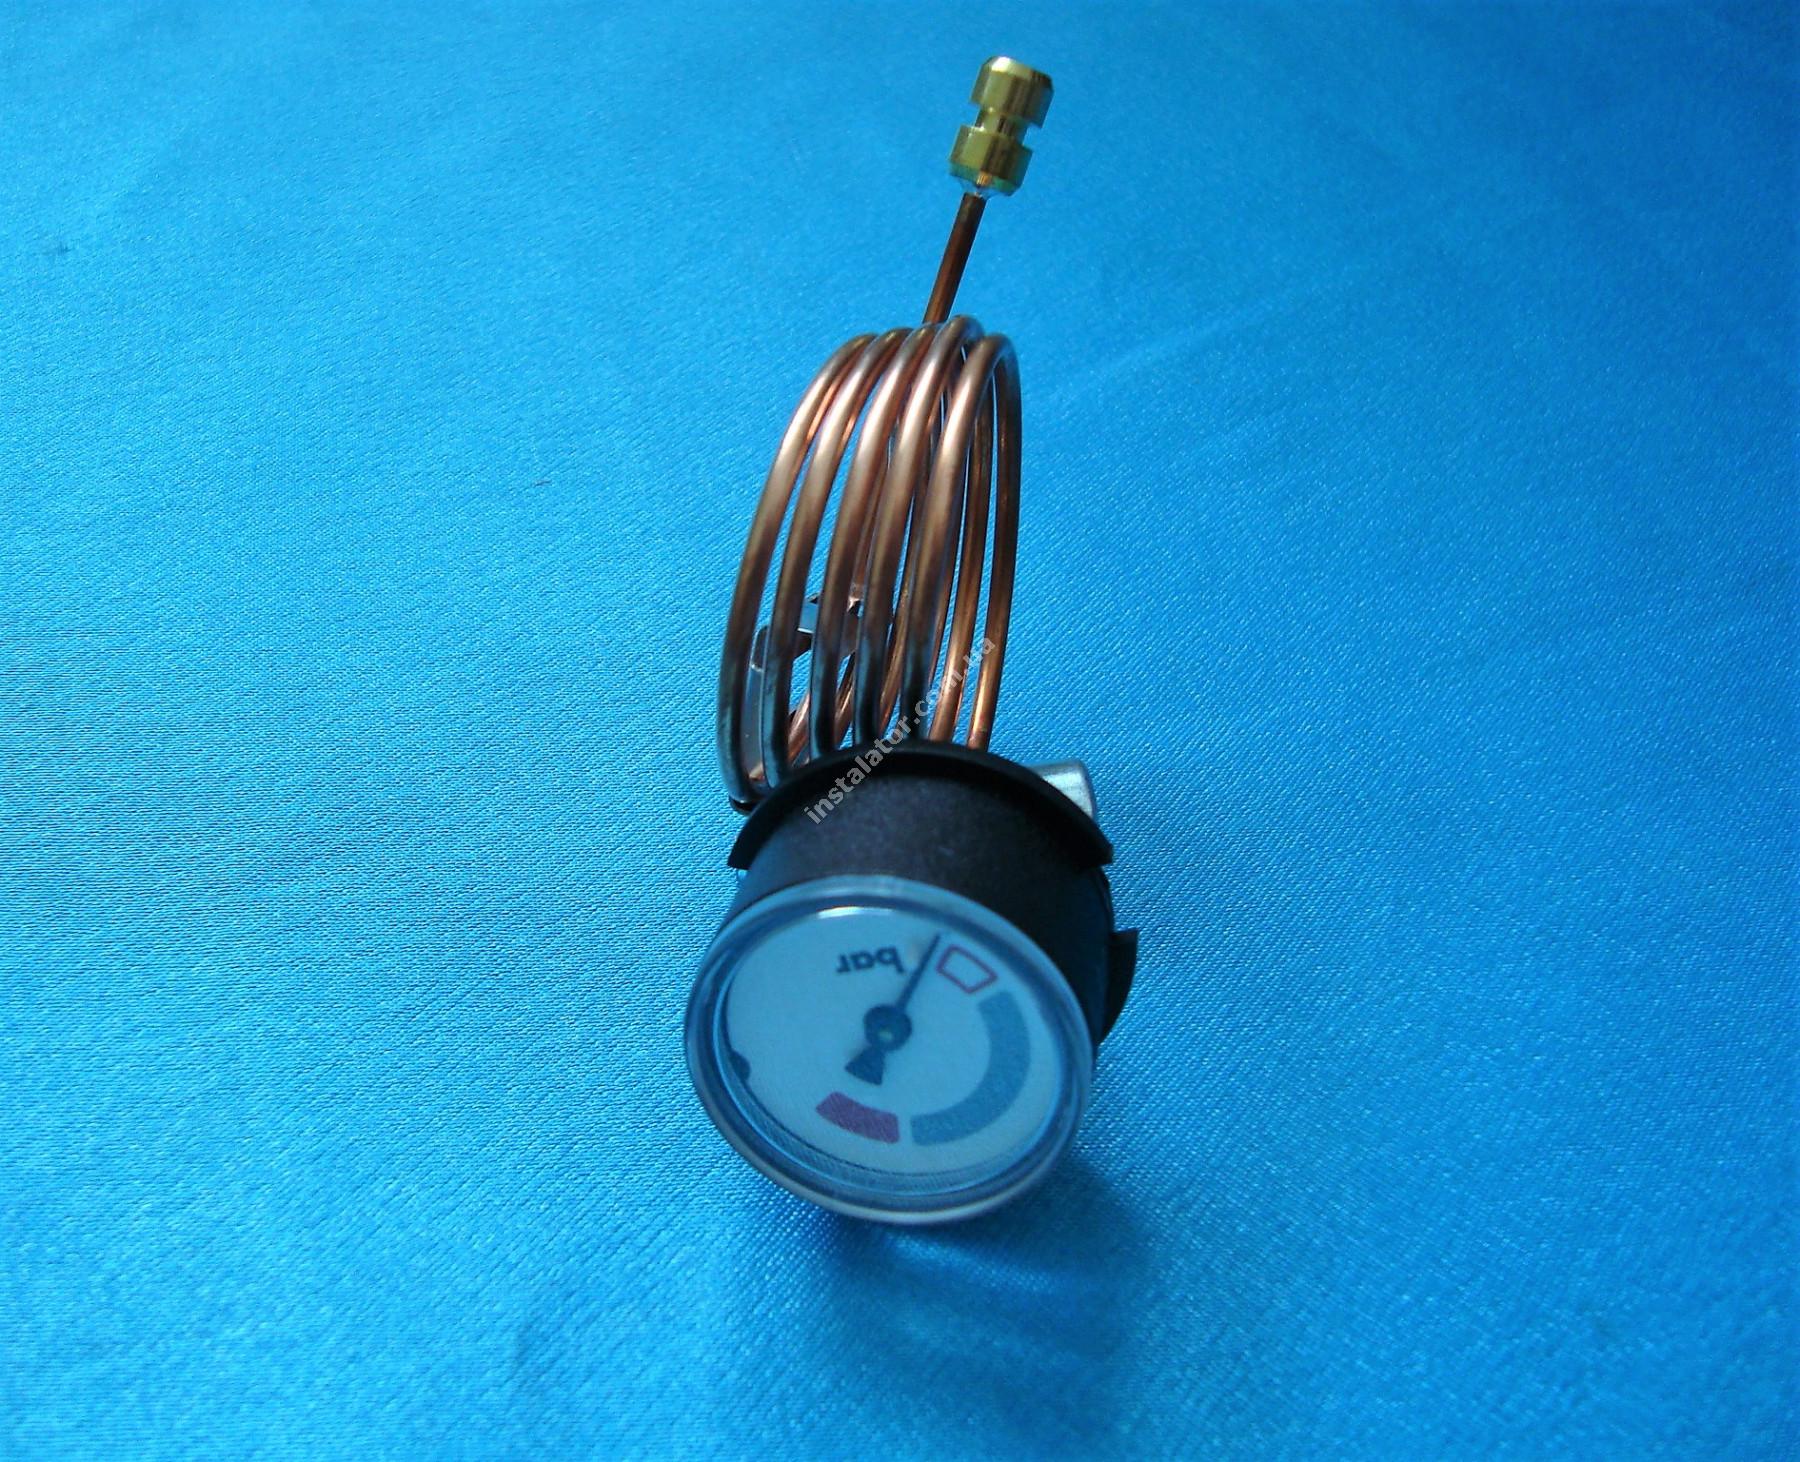 180982 Манометр VAILLANT АtmoTEC Pro, Turbo TEC pro, АtmoTEC plus, Turbo TEC plus  full-image-4